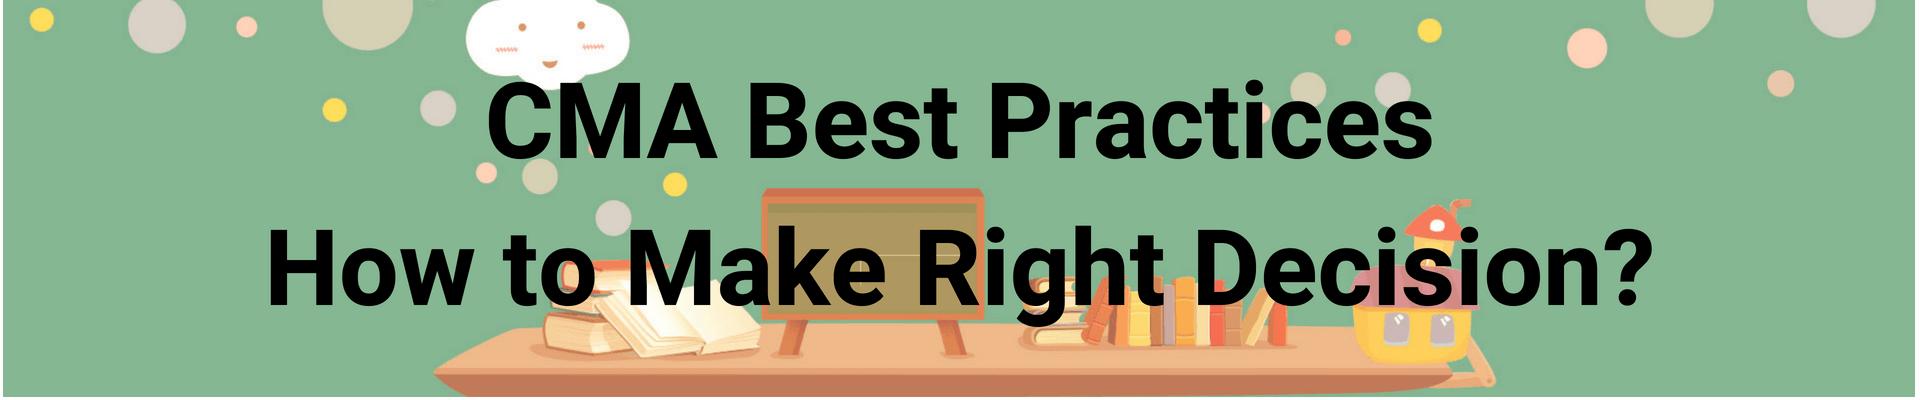 CMA Best Practices